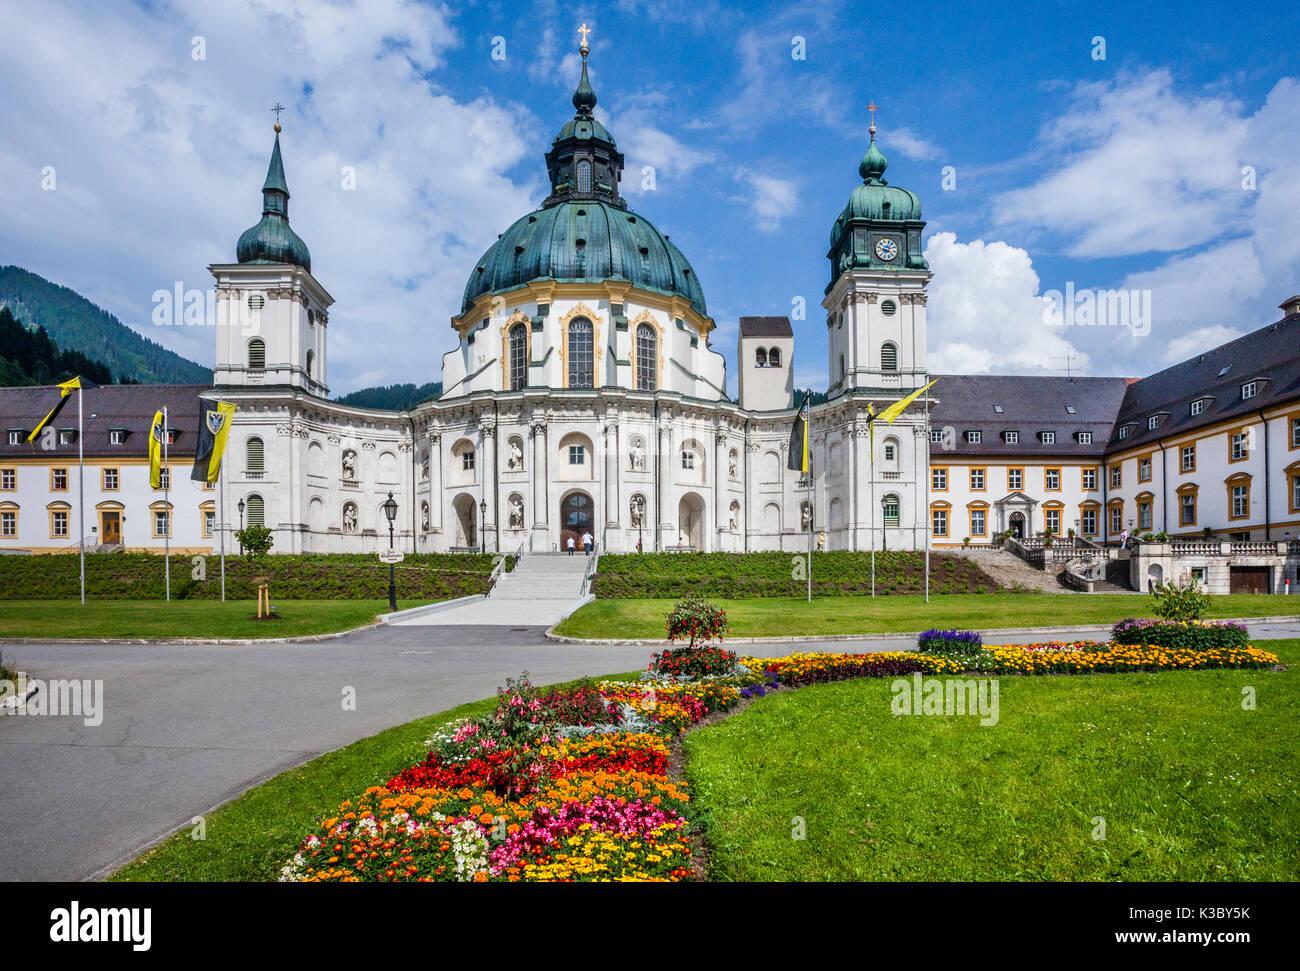 Germany, Bavaria, monastère bénédictin Ettal, vue de la façade de l'église baroque de l'abbaye Ettal Photo Stock